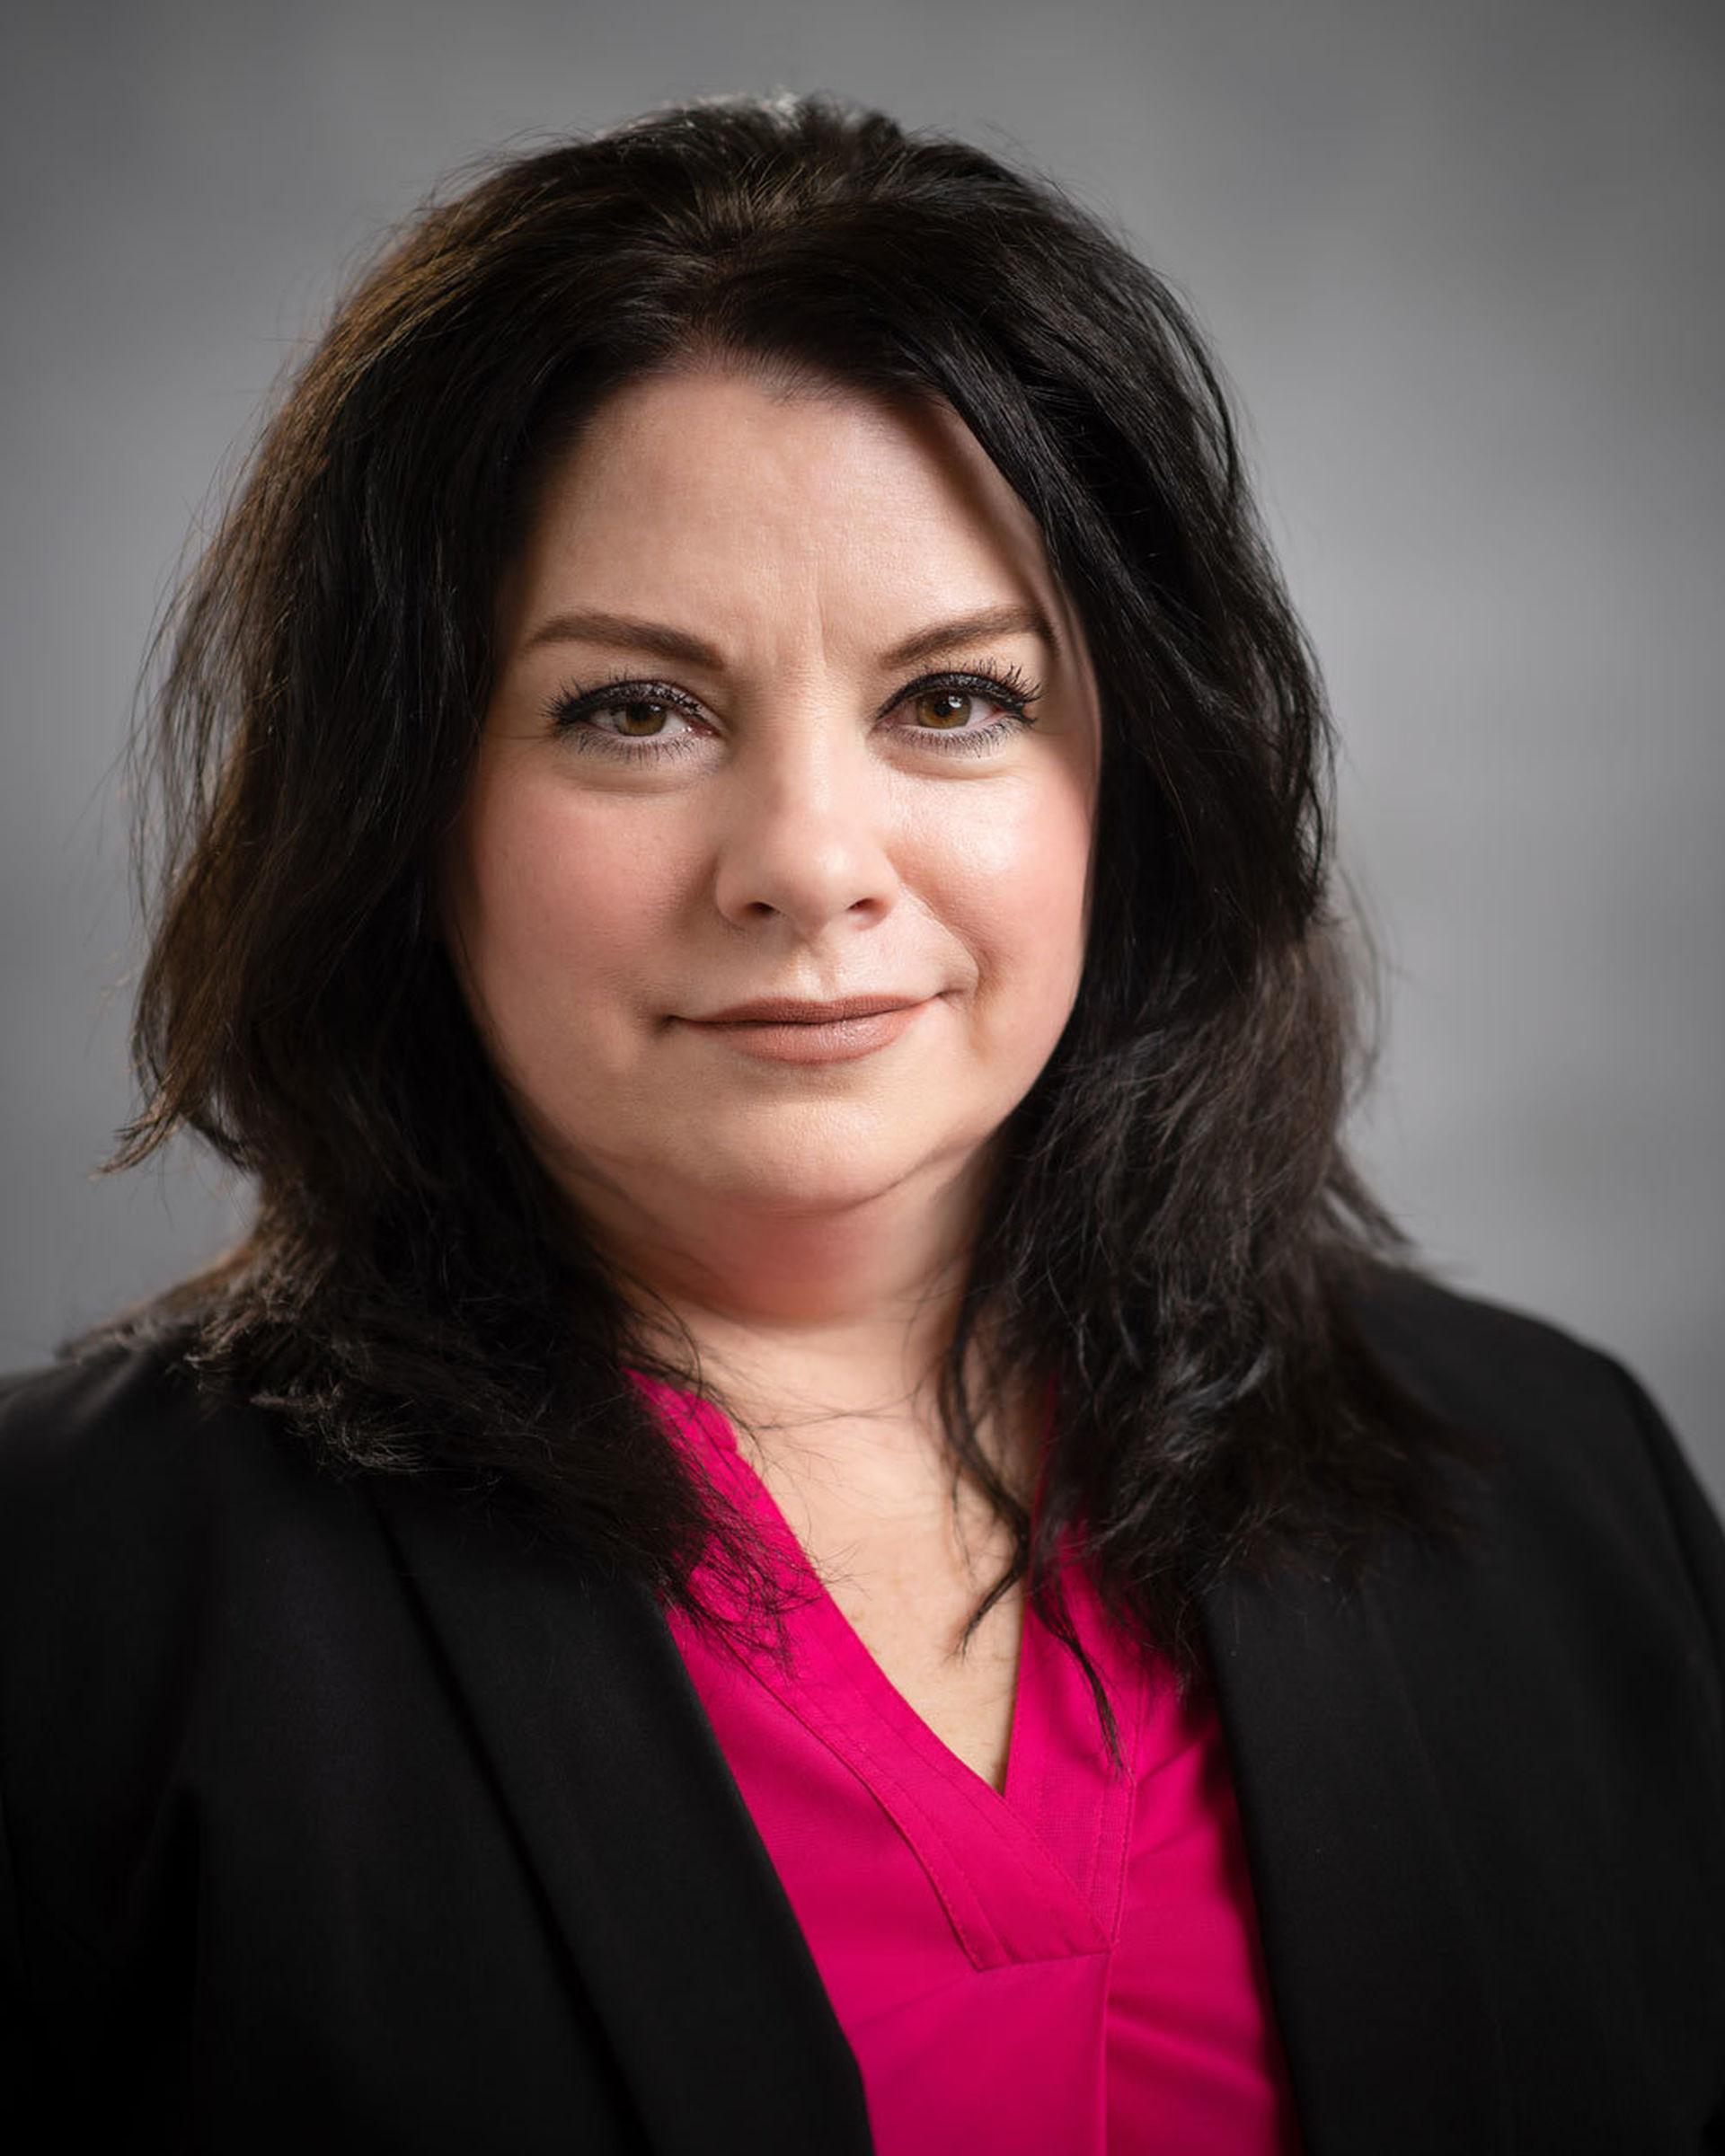 Stephanie Wise Portrait